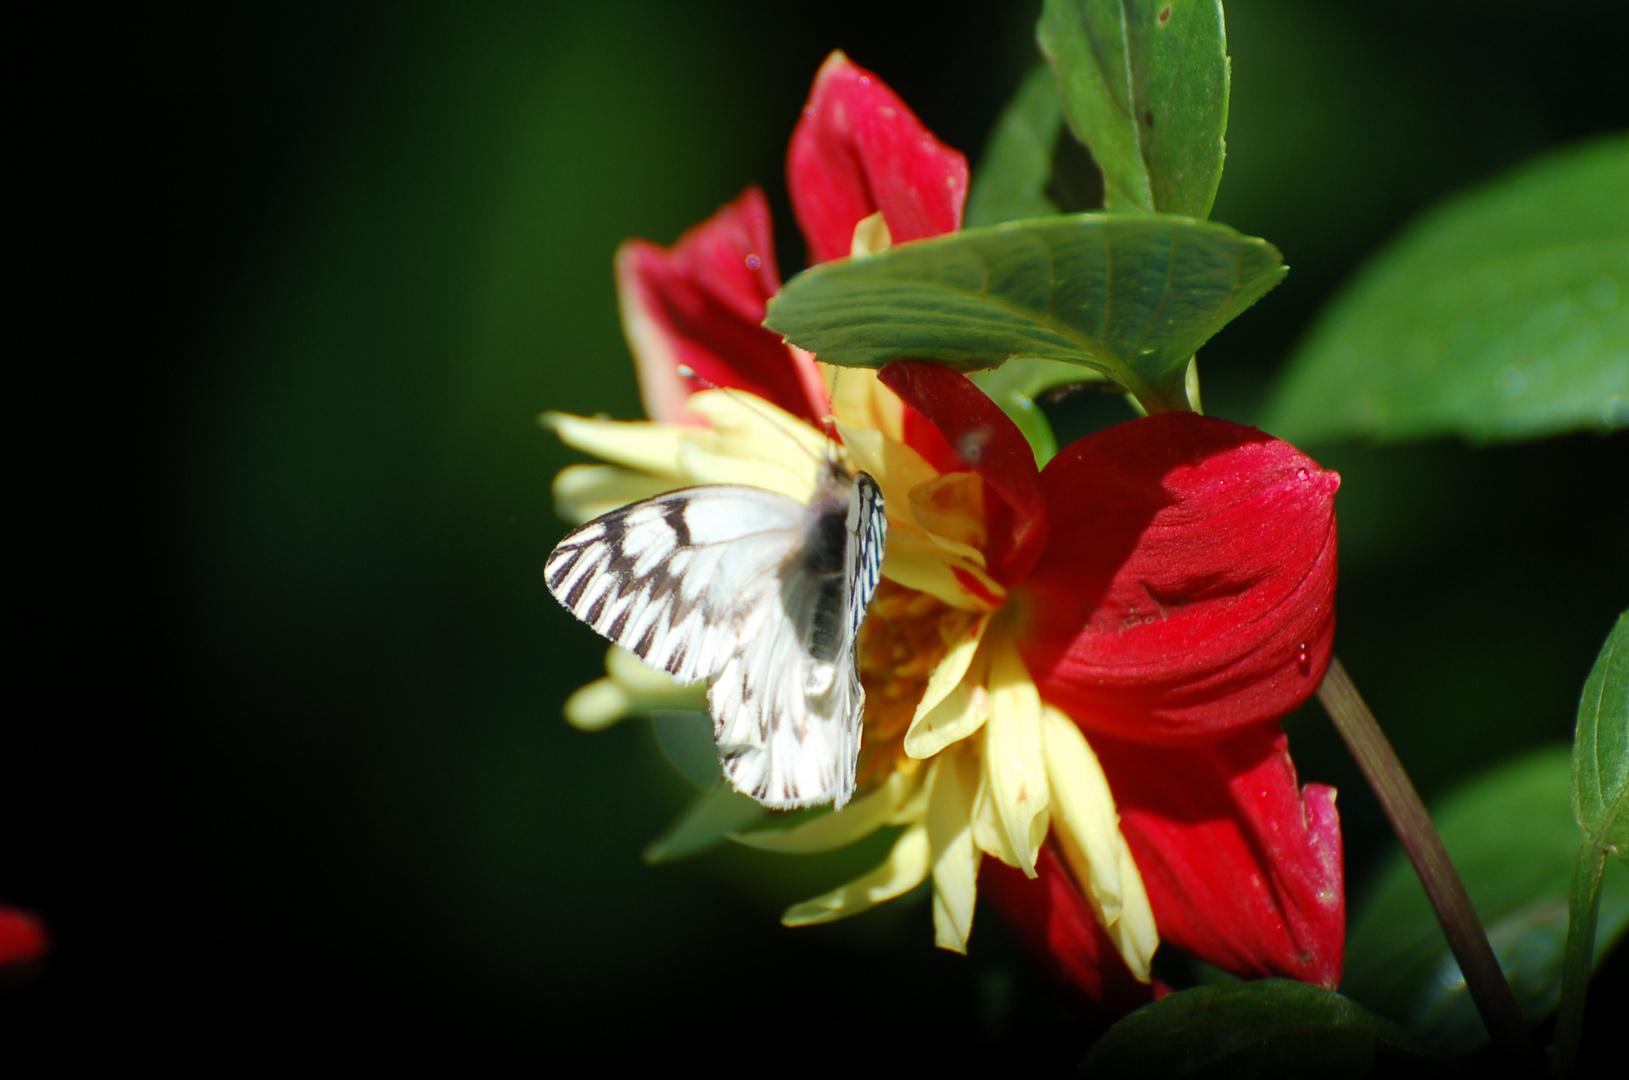 el suave aleteo de la mariposa en una mañana de verano